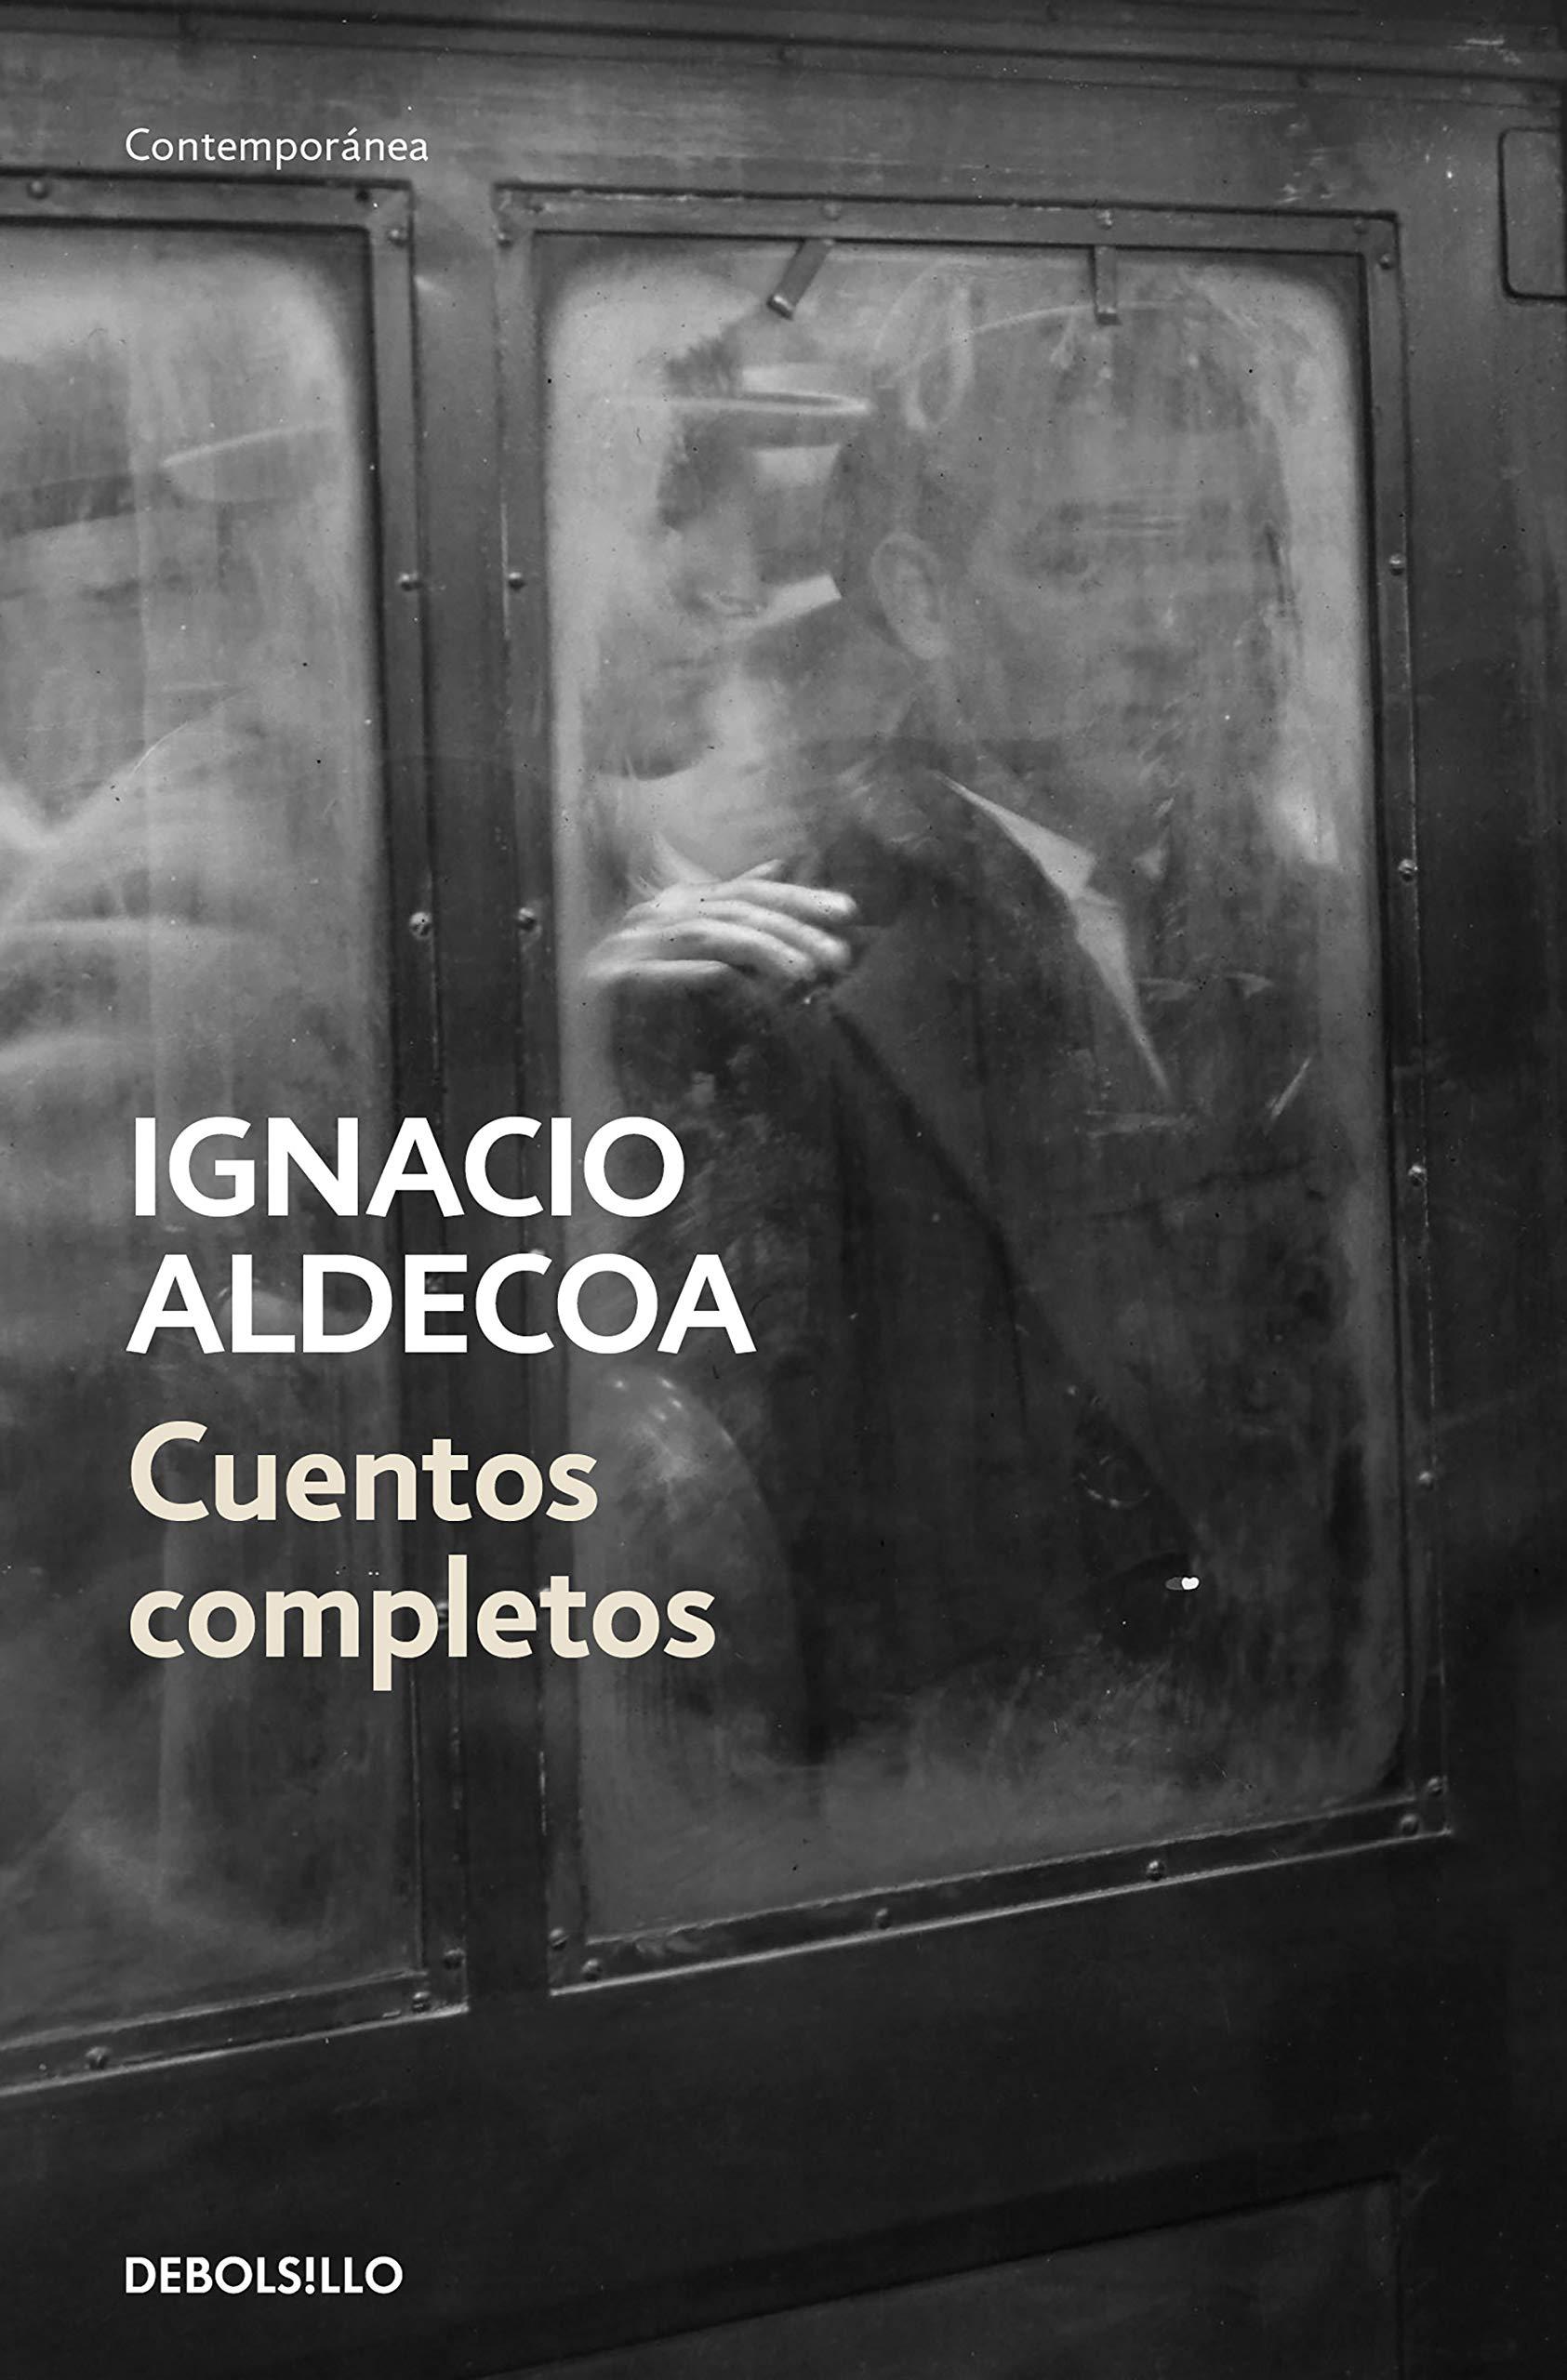 Cuentos completos (Contemporánea): Amazon.es: Aldecoa, Ignacio: Libros